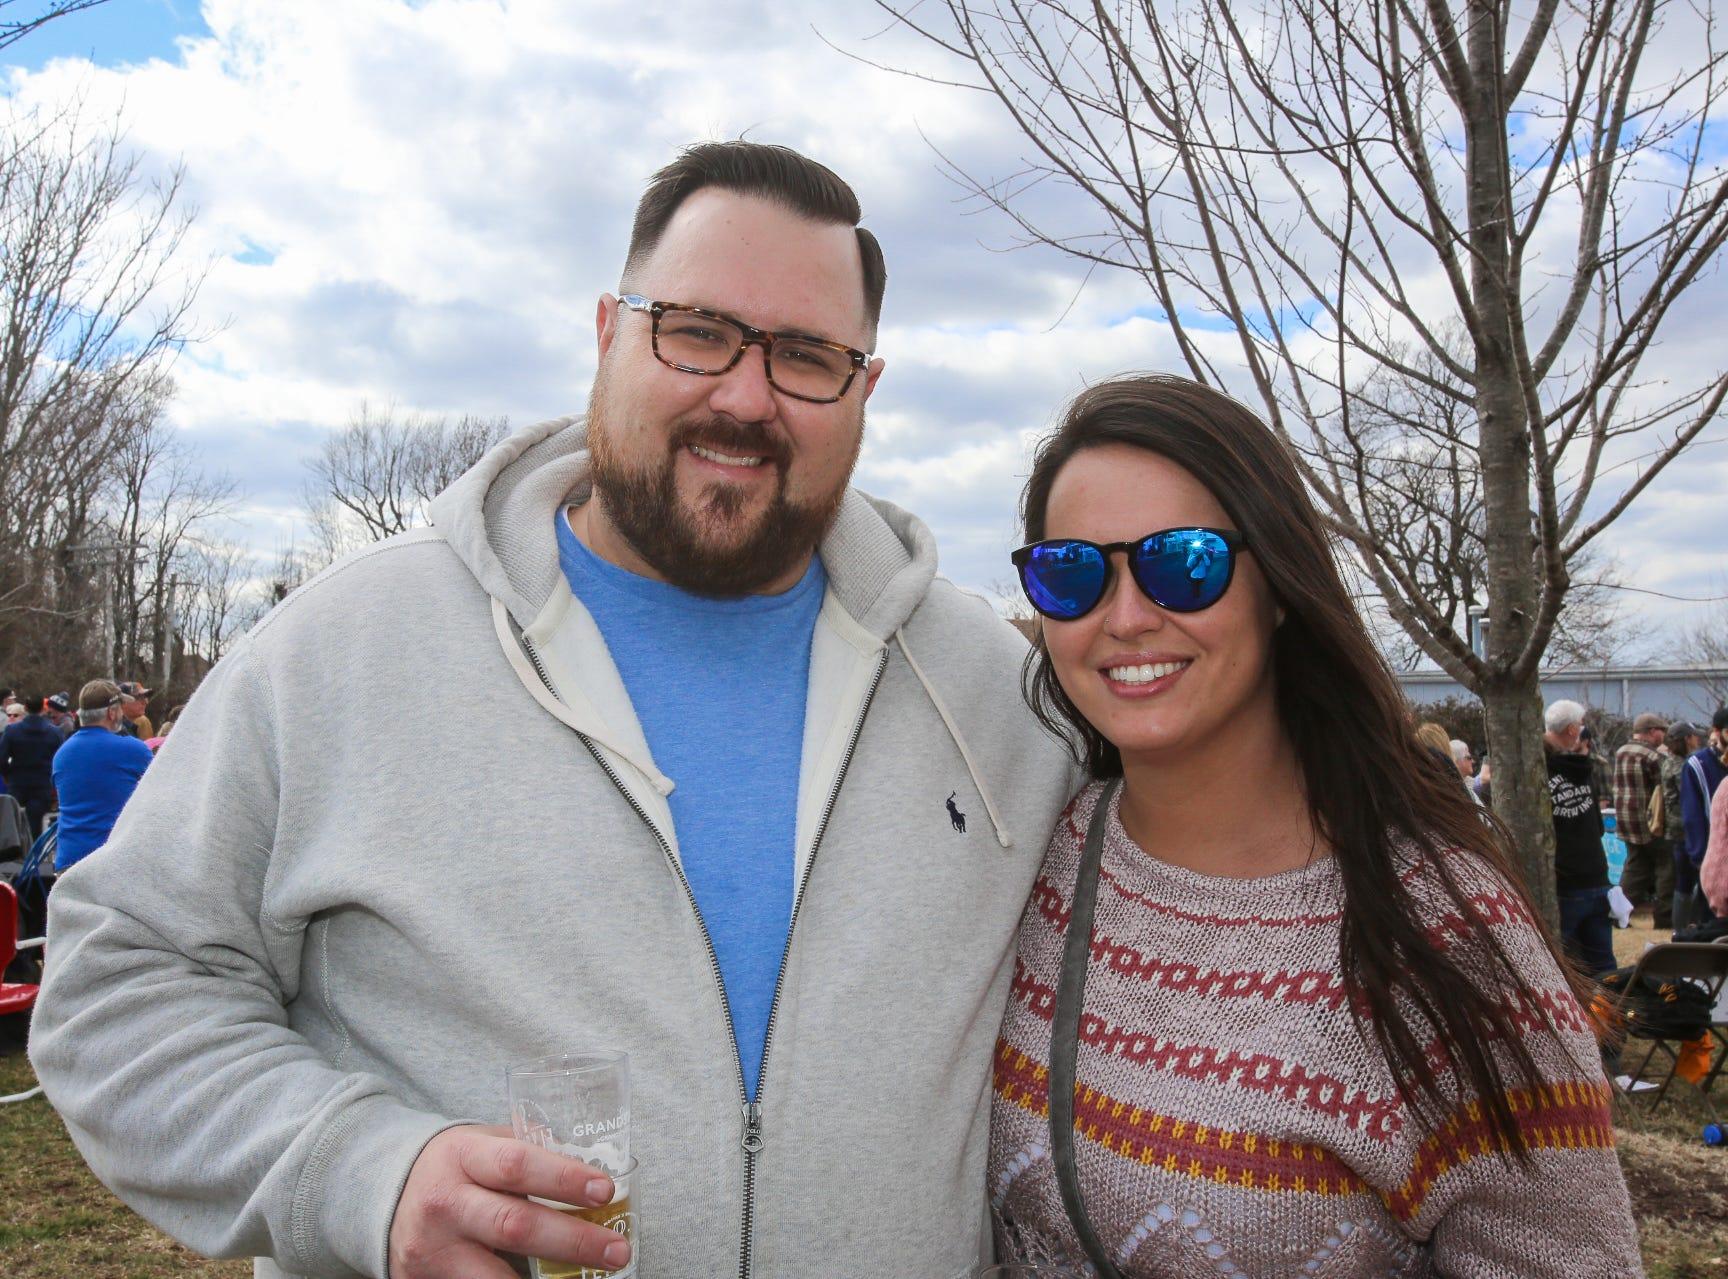 Travis Roller and Erica Jones